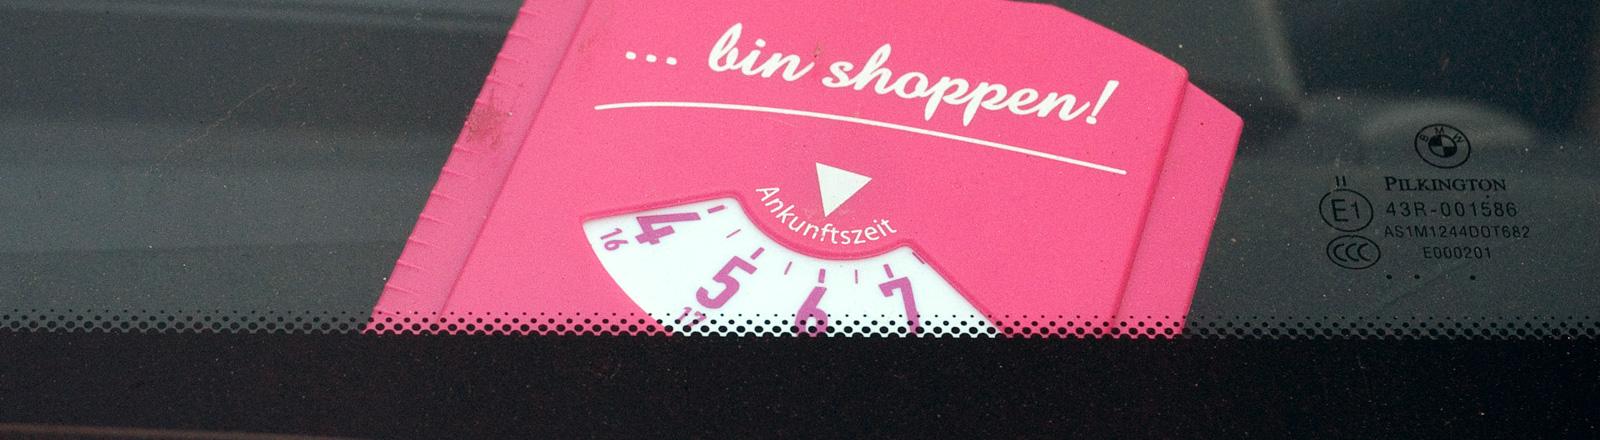 """Eine rosa Parkscheibe mit der Aufschrift """"bin shoppen!"""" steckt am 31.10.2012 in Berlin hinter einer Frontscheibe eines Autos. Für die falsche Farbwahl bei der Parkscheibe hat eine Autofahrerin in Herten ein Knöllchen erhalten. Sie muss fünf Euro zahlen, wie eine Stadtsprecherin einen Bericht des Internetportals """"derwesten.de"""" bestätigte."""